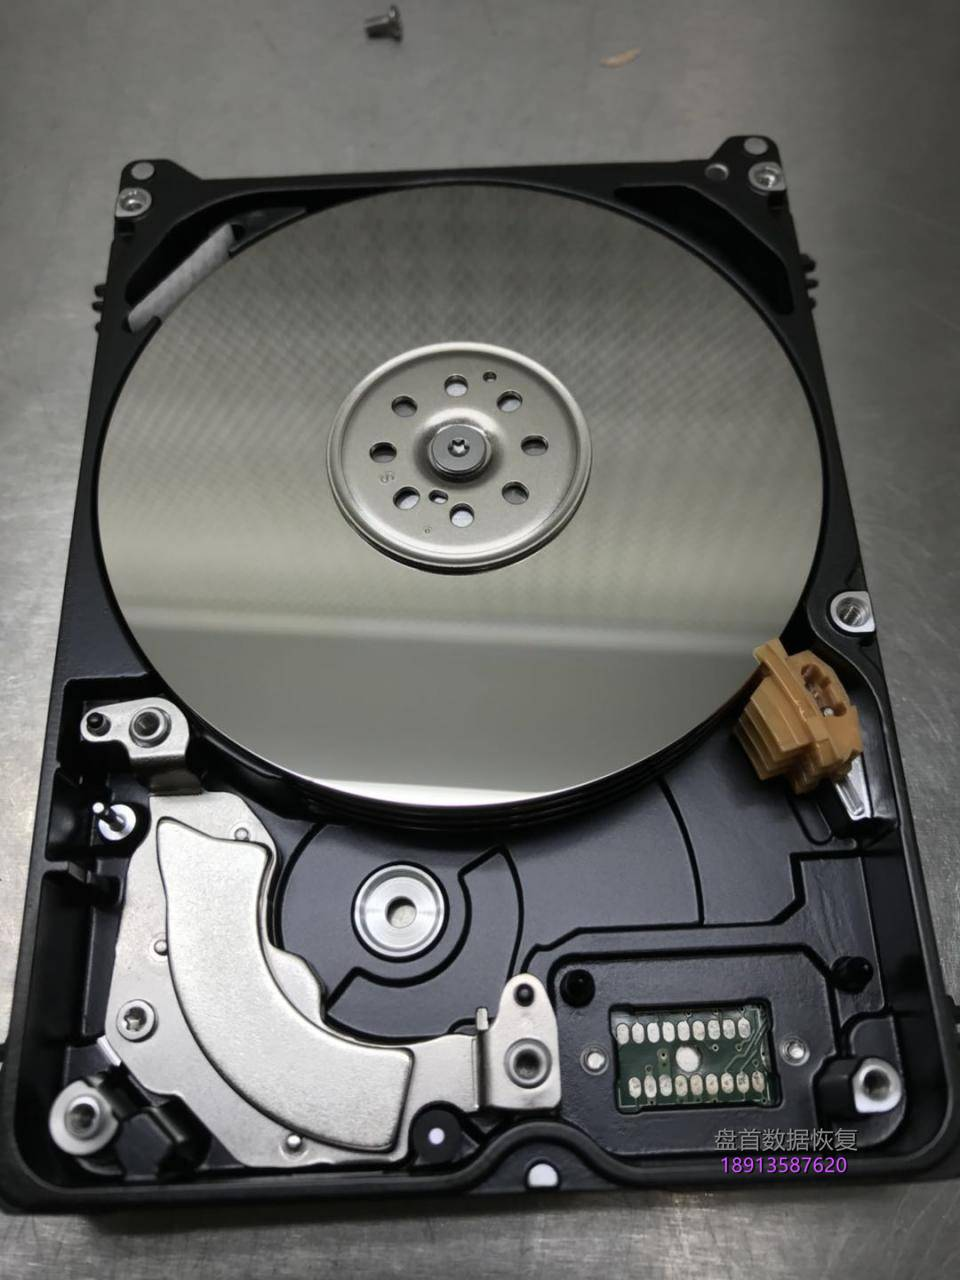 西数my-passport-2tb移动硬盘wd20nmvw-11av3s3原生usb接口磁头损坏变形划伤 西数My passport 2TB移动硬盘WD20NMVW-11AV3S3原生USB接口磁头损坏变形划伤盘片!总共报废损坏了5块同型号的配件硬盘才把数据恢复成功。